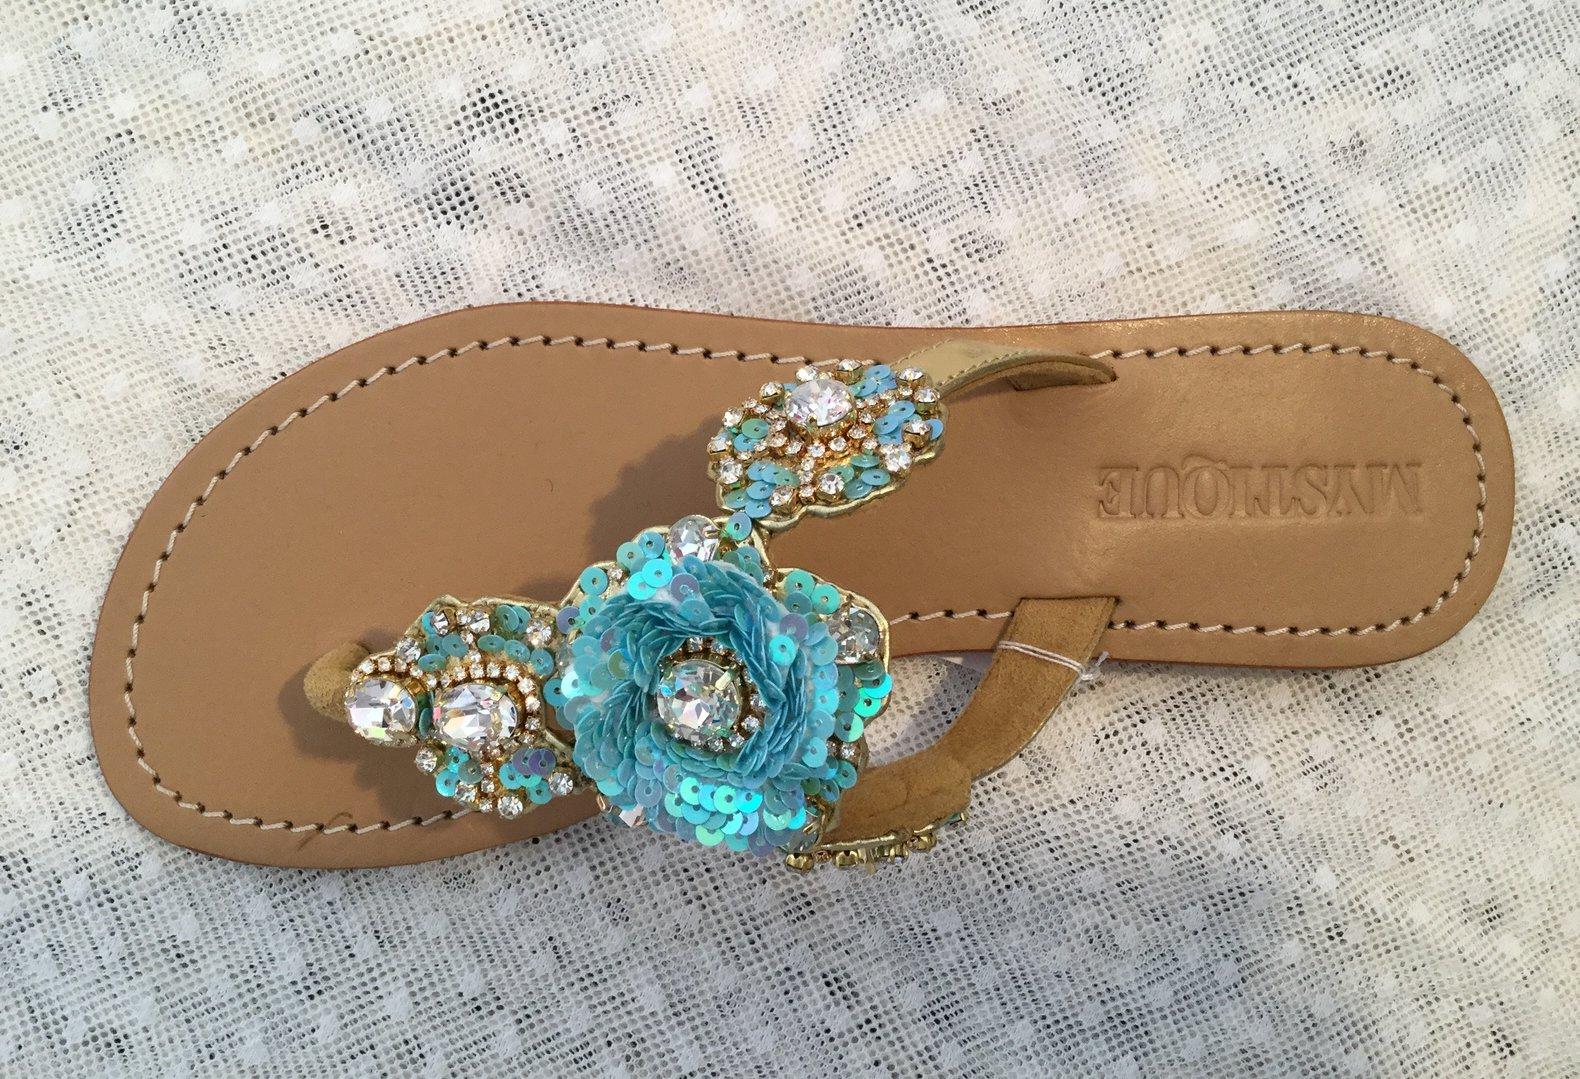 8ece64d24da9 Mystique Women s Leather Jeweled Sandals - Puerto Limon – Mystique Sandals